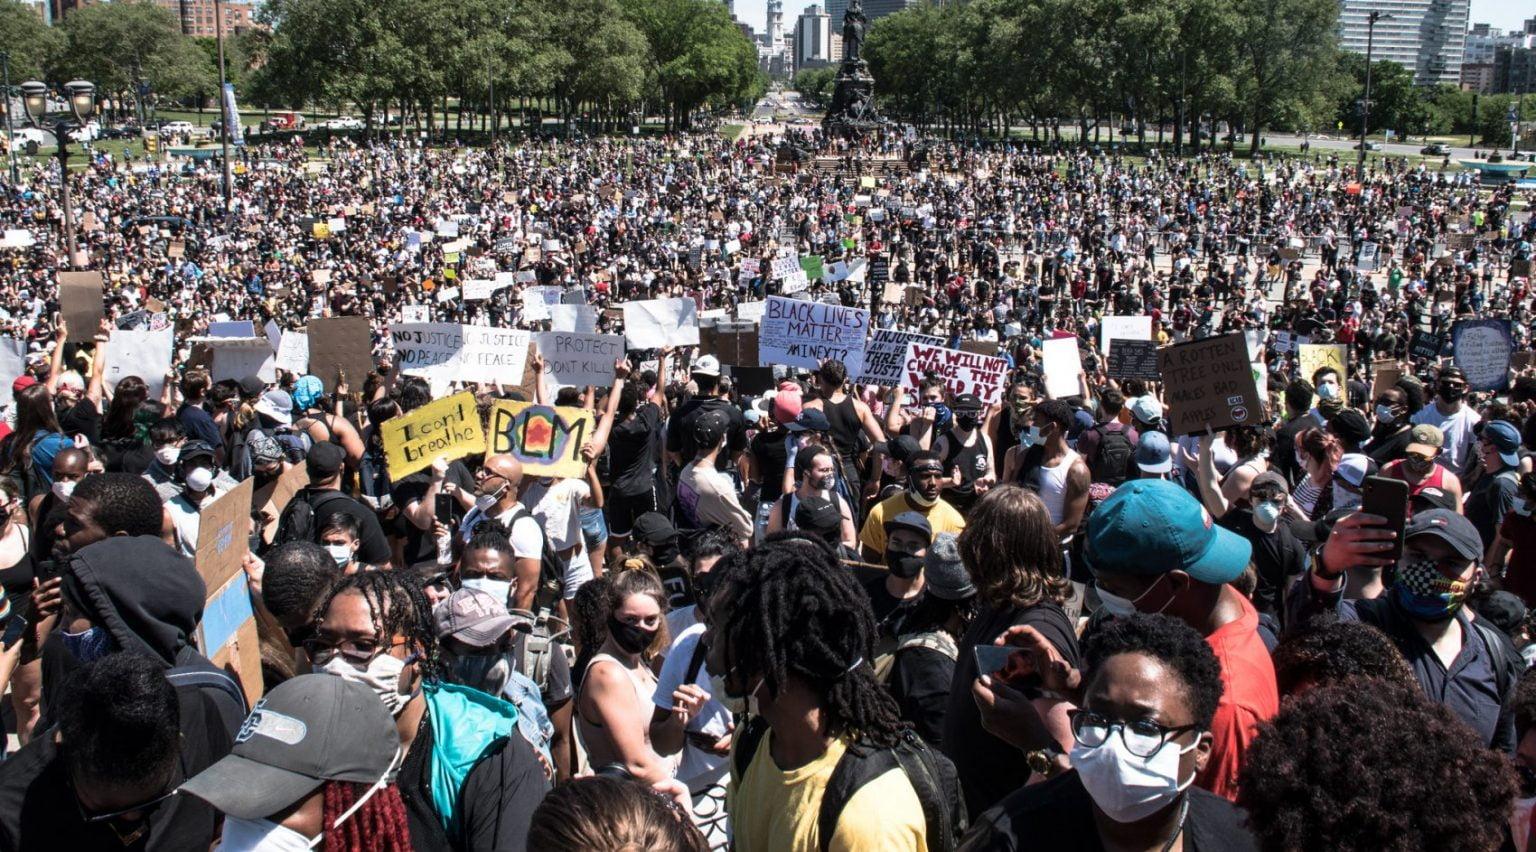 我们看到新一代厌倦了多次「百年难得一见」的危机,强烈支持推翻资本主义的新一代革命志向高涨。//图片来源:Joe Piette,Flickr